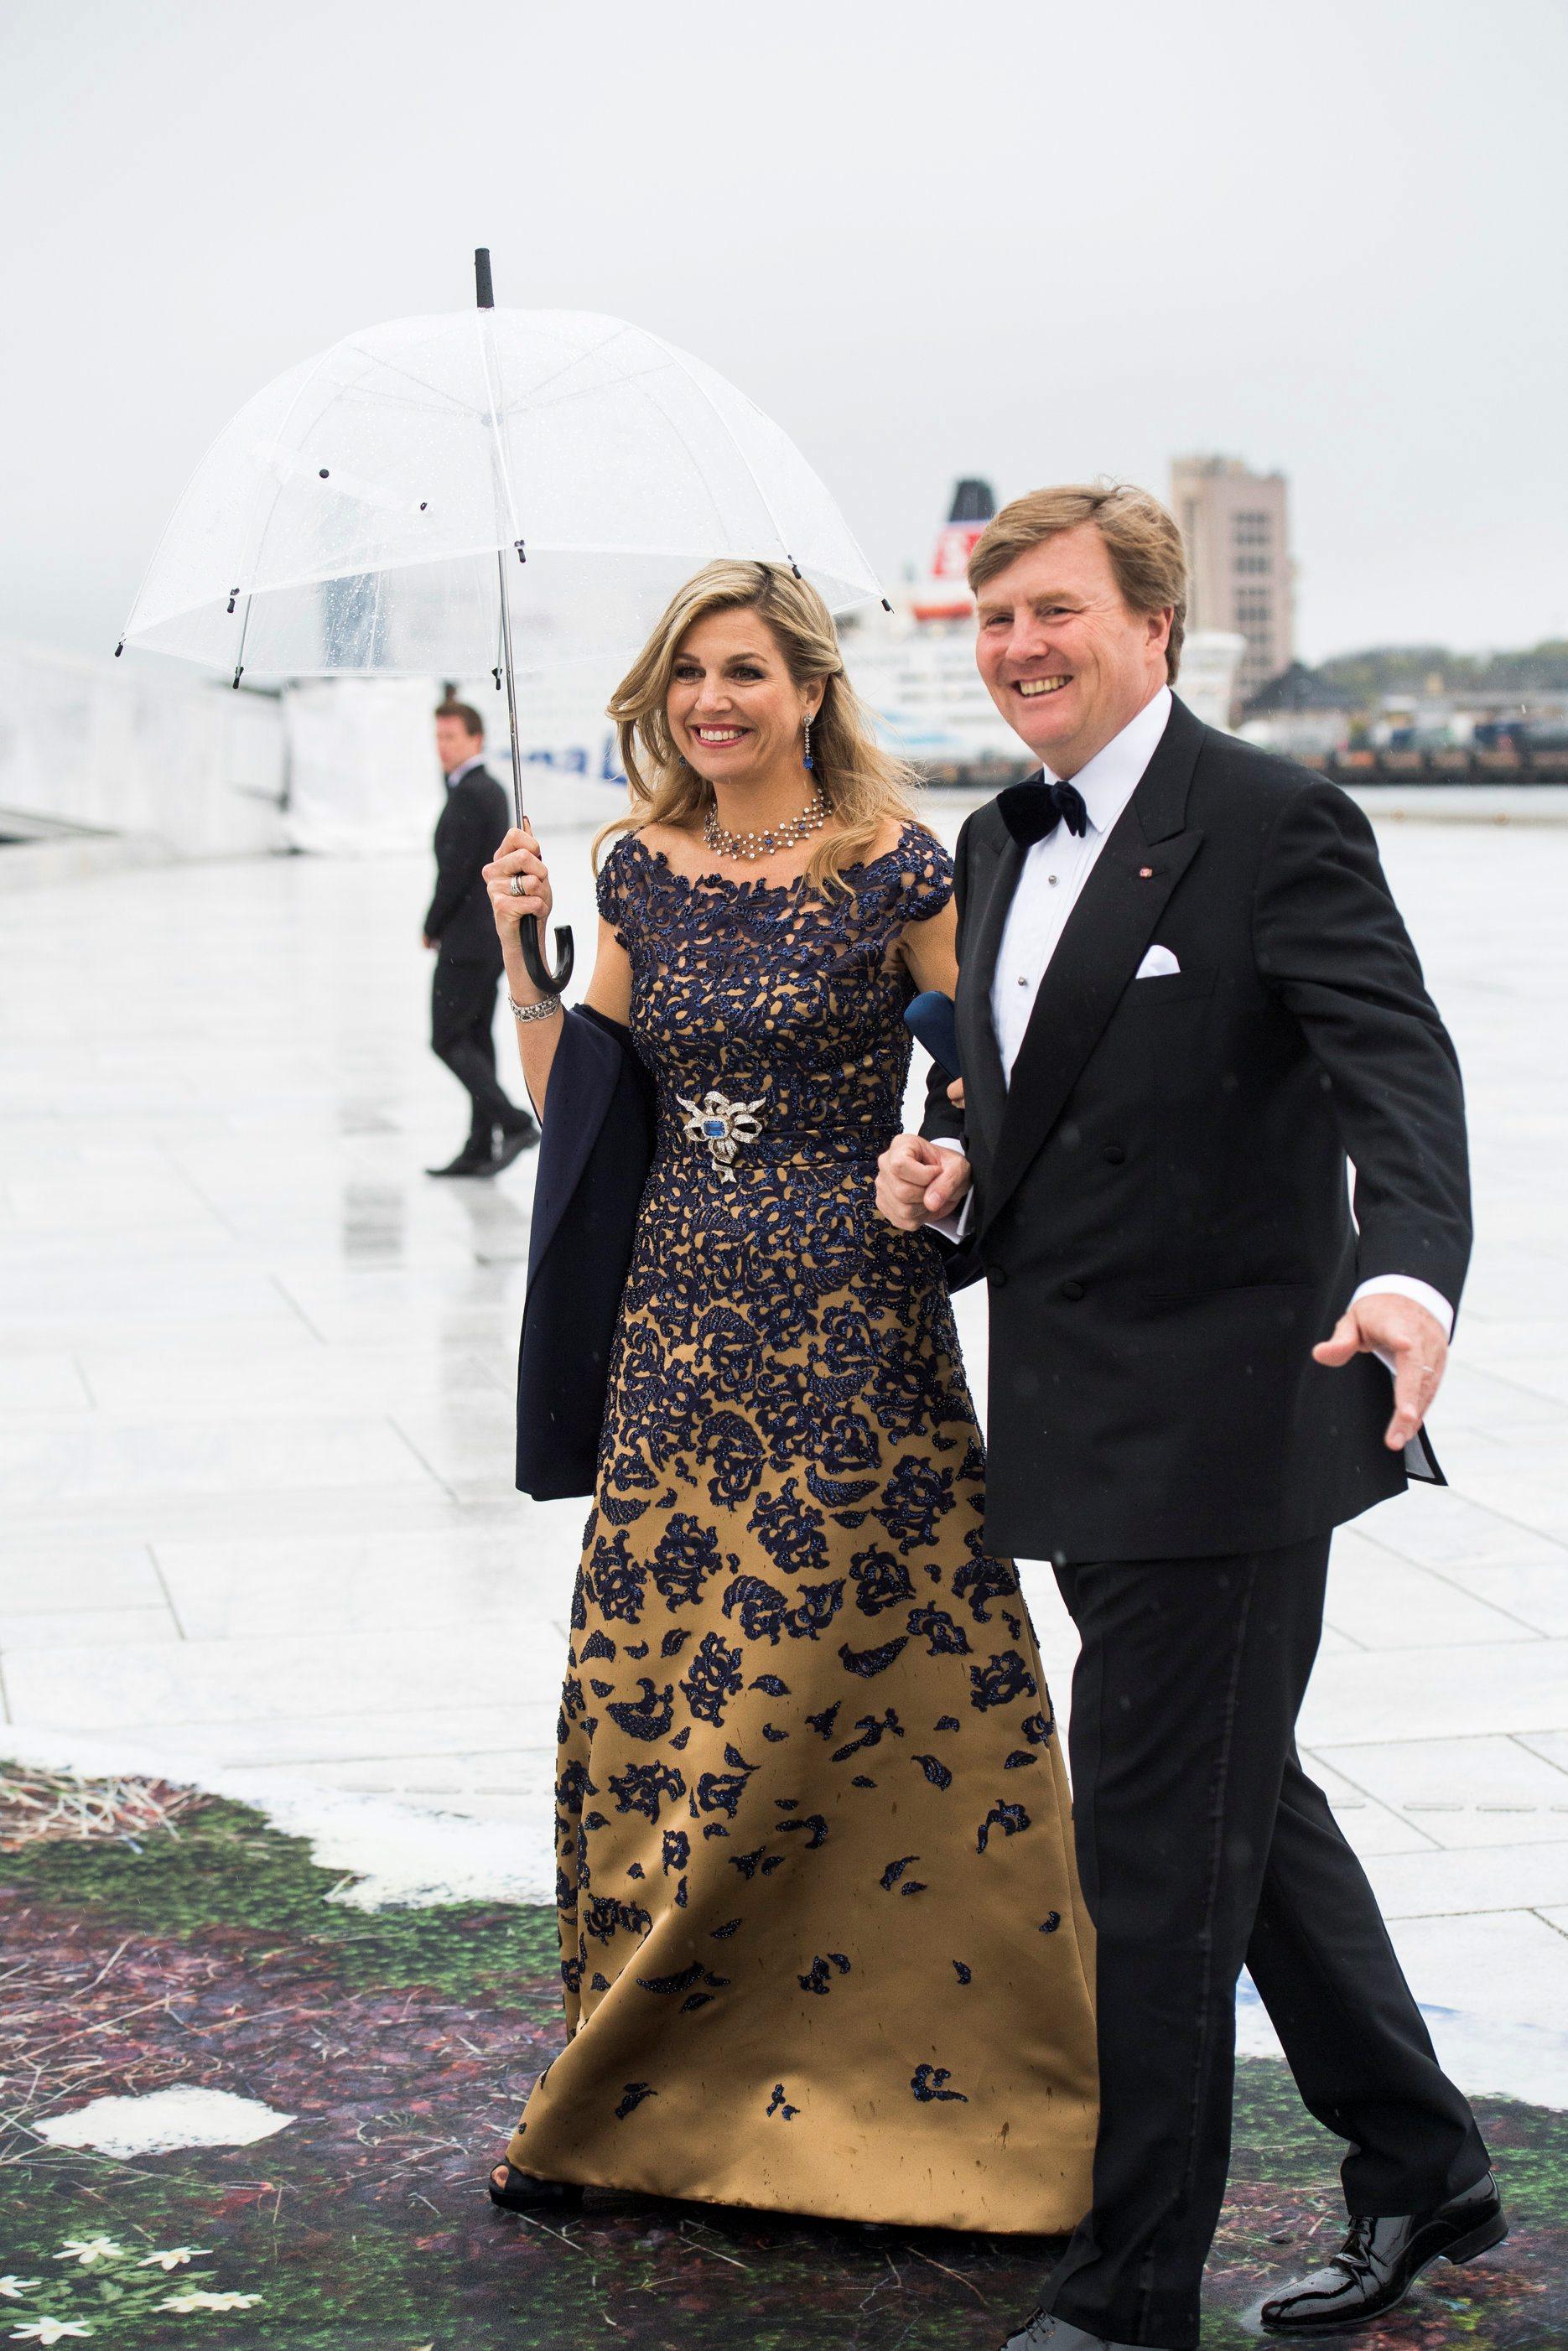 kraljica Maxima i kralj Willem-Alexander